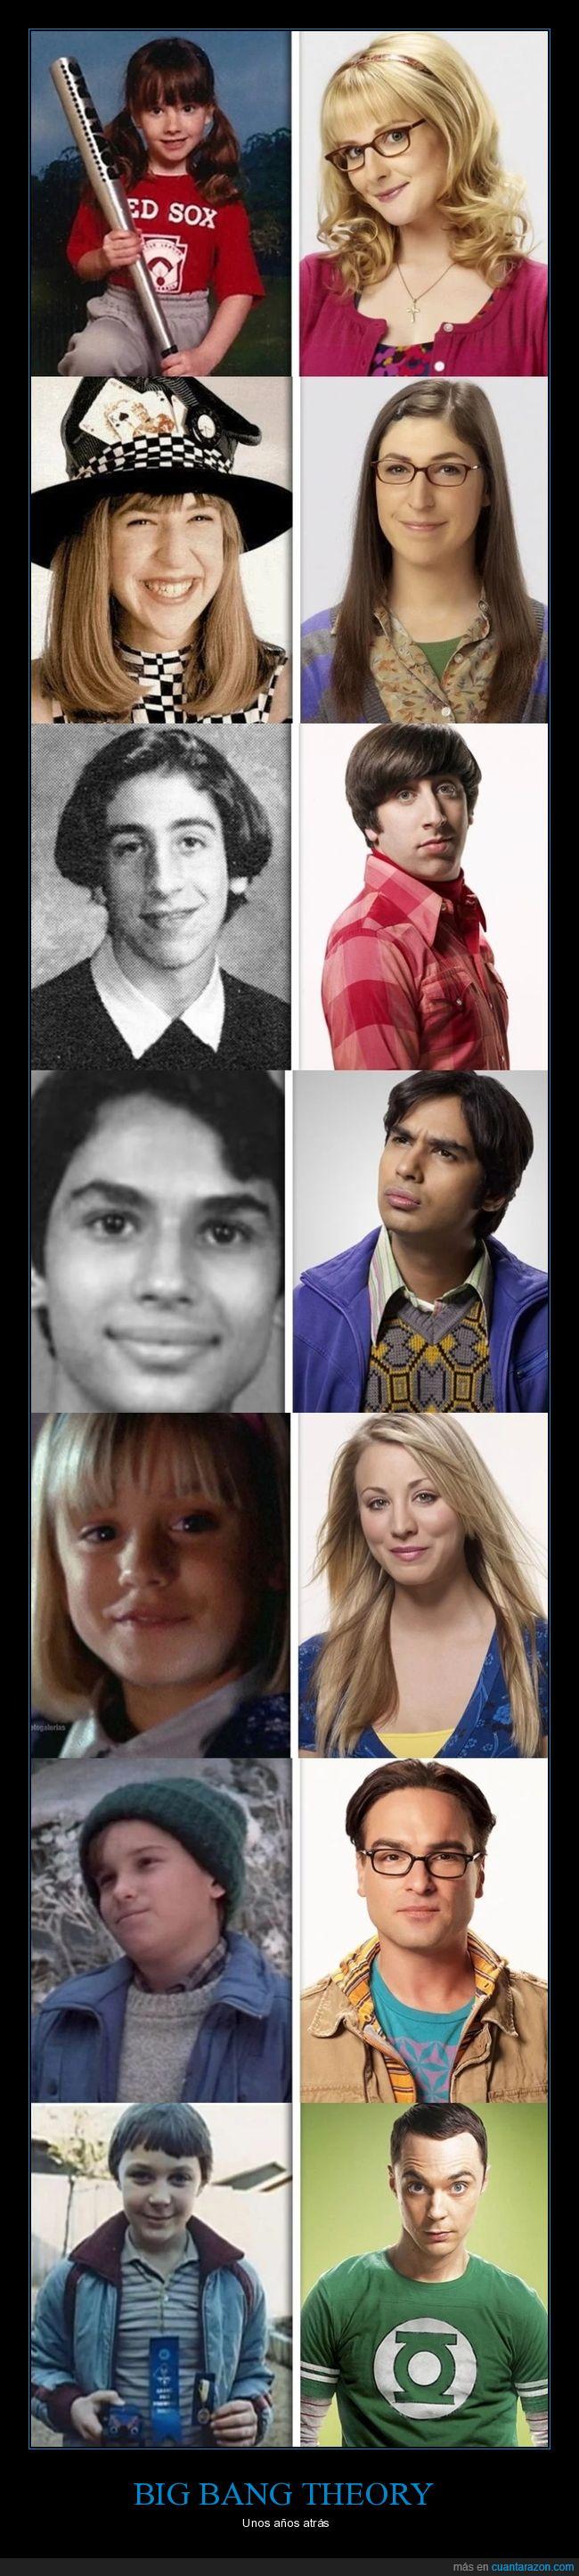 bbt,big bang theory,niños,pipiolos